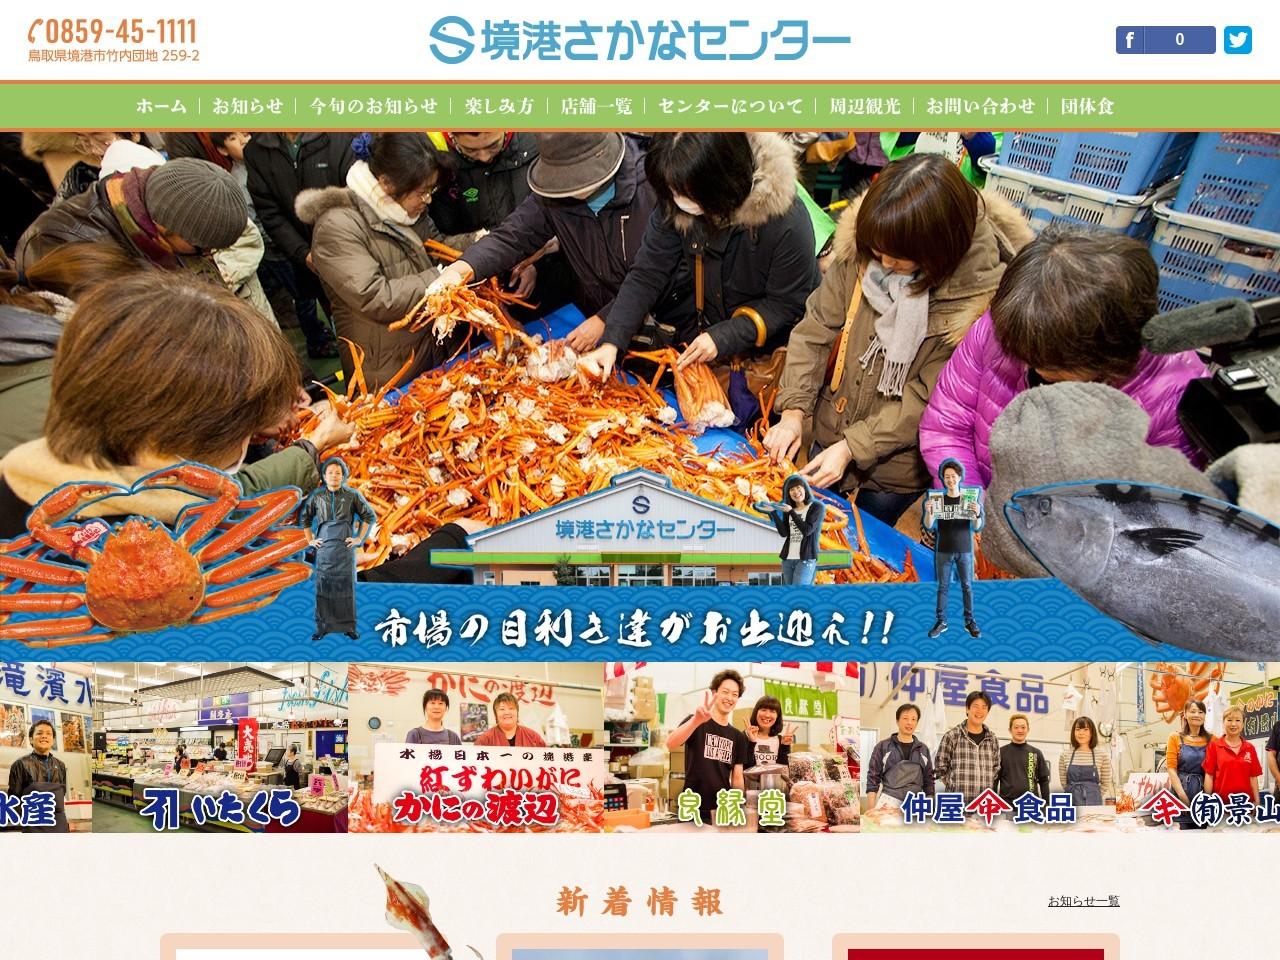 境港さかなセンター | 鳥取県境港市